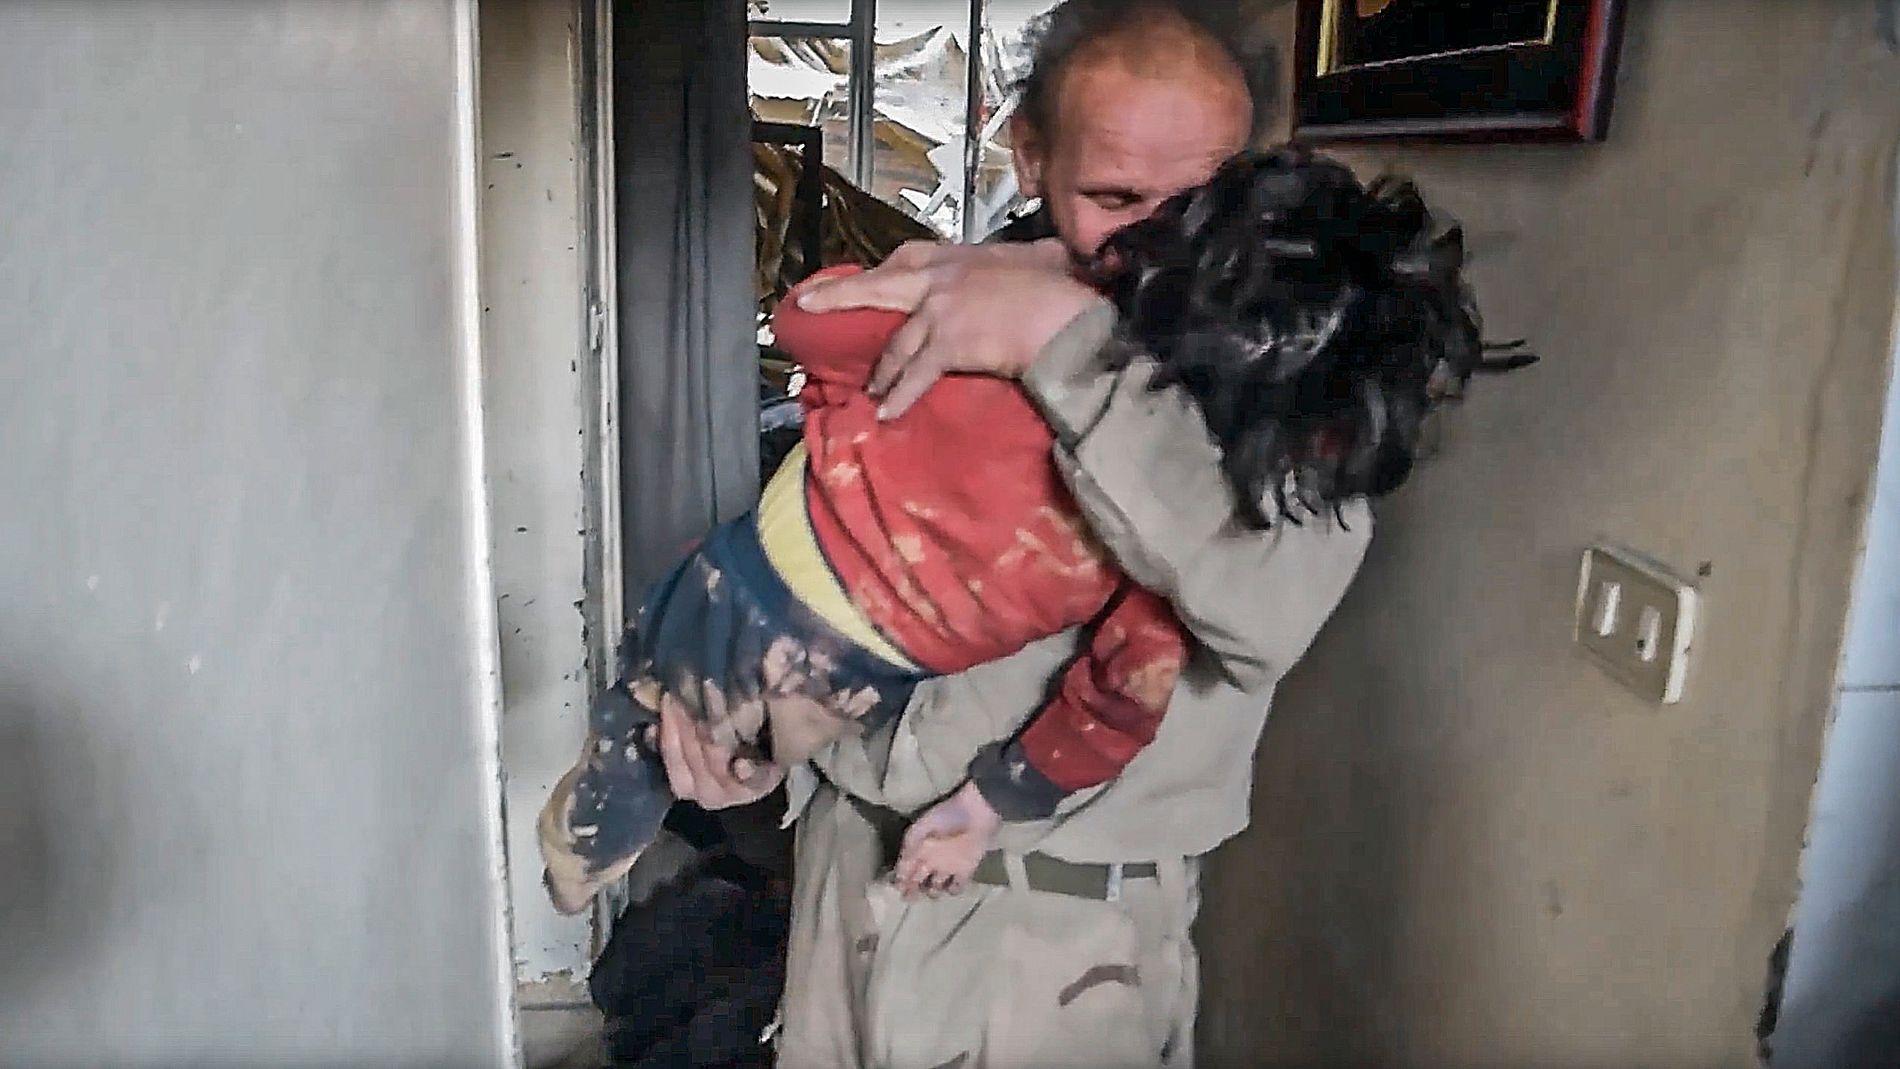 DOUMA: Denne mannen gikk inn i et hus der han fant barn som skal være  ofre for det som hevdes å være et gassangrep i Douma i Syria.